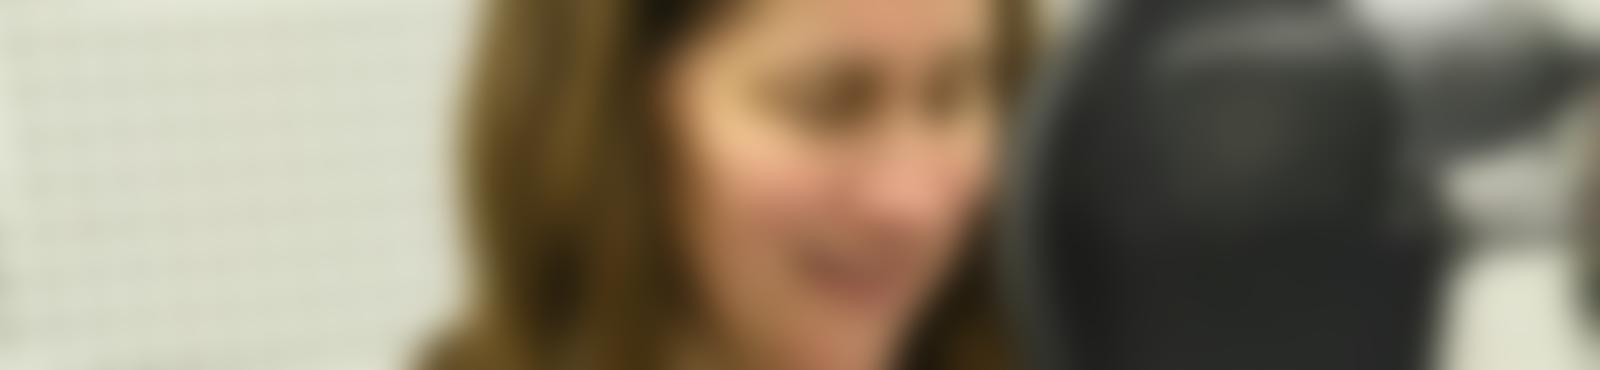 Blurred dd289c8c 6107 4dfb 870b 9563def0ead3